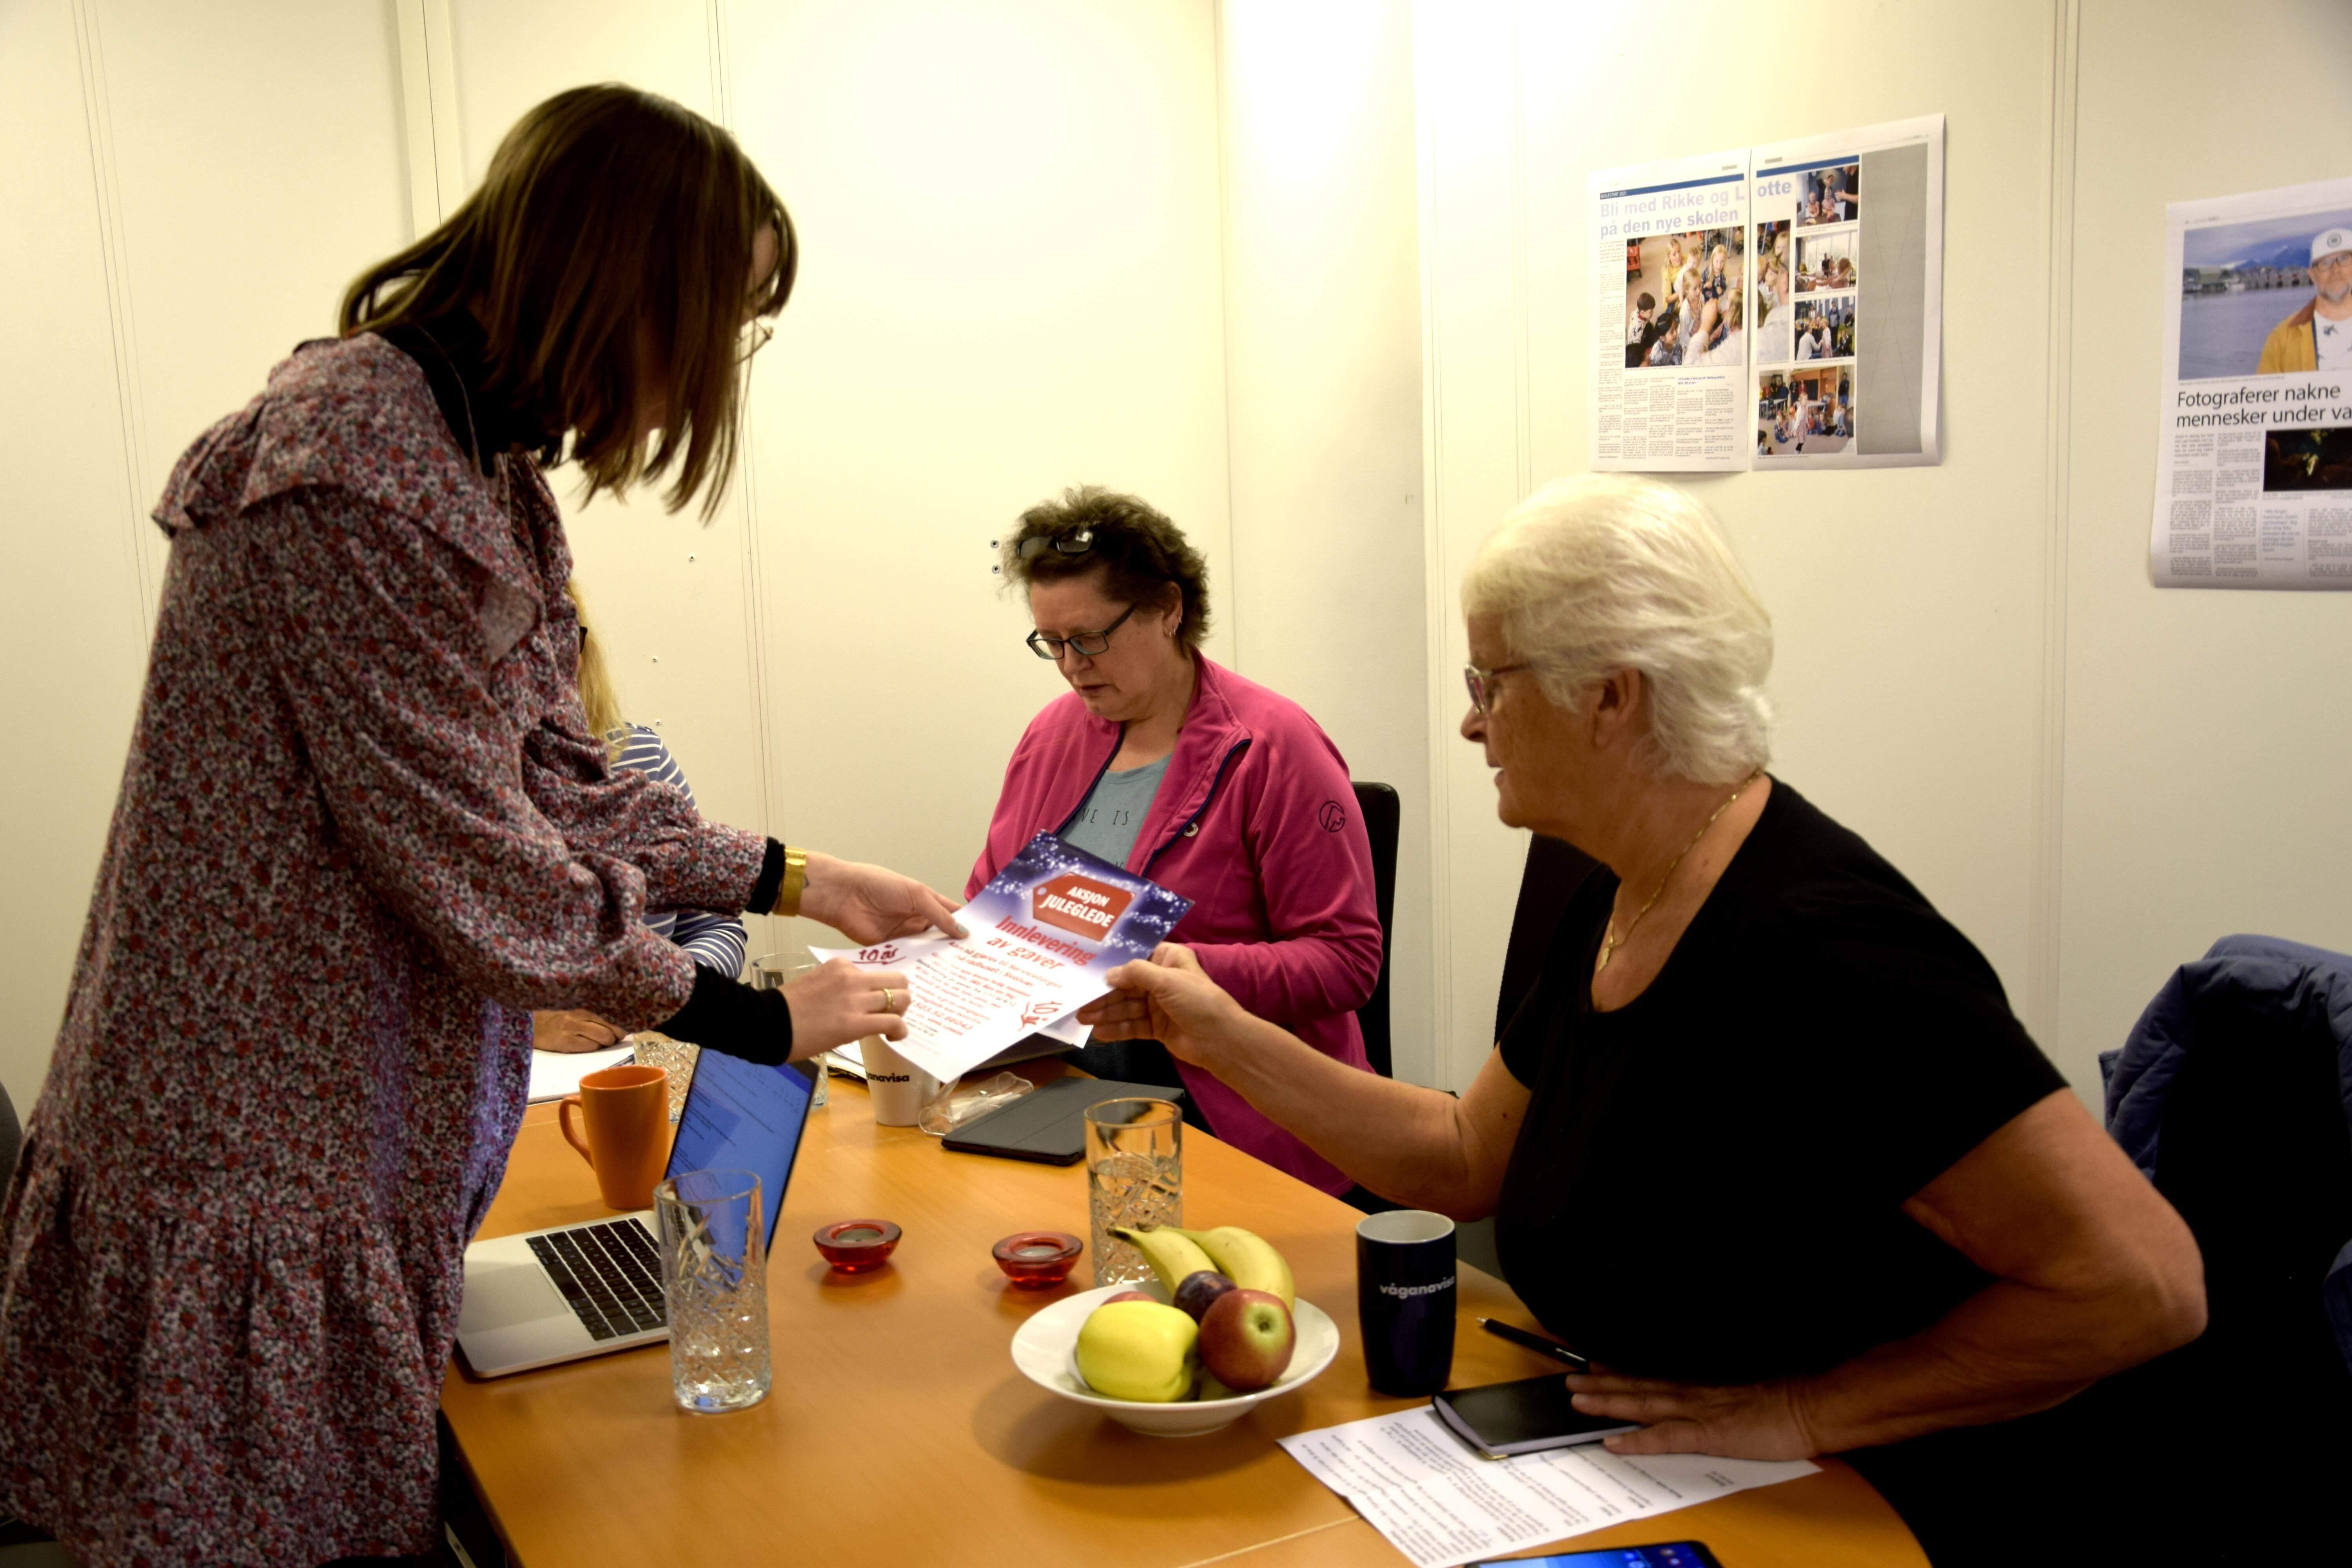 Det planlegges for å få klart detaljene i forkant av årets aksjon. Foto: Kaja Reiertsen